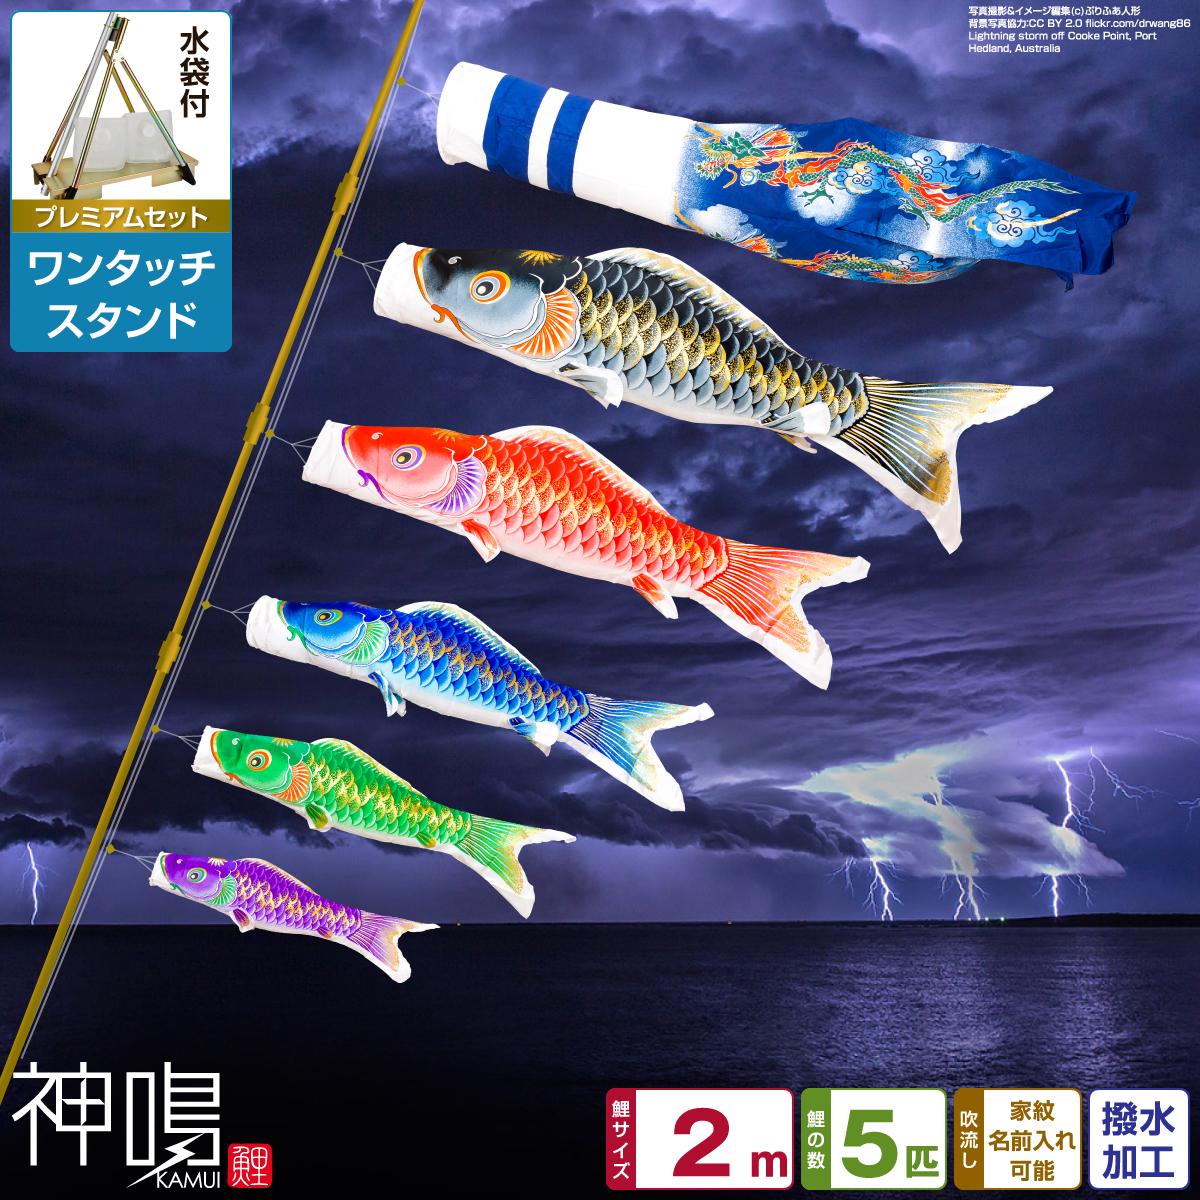 ベランダ用 鯉のぼり 神鳴鯉-KAMUI- 2m 8点(吹流し+鯉5匹+矢車+ロープ)/プレミアムセット(ワンタッチスタンド)